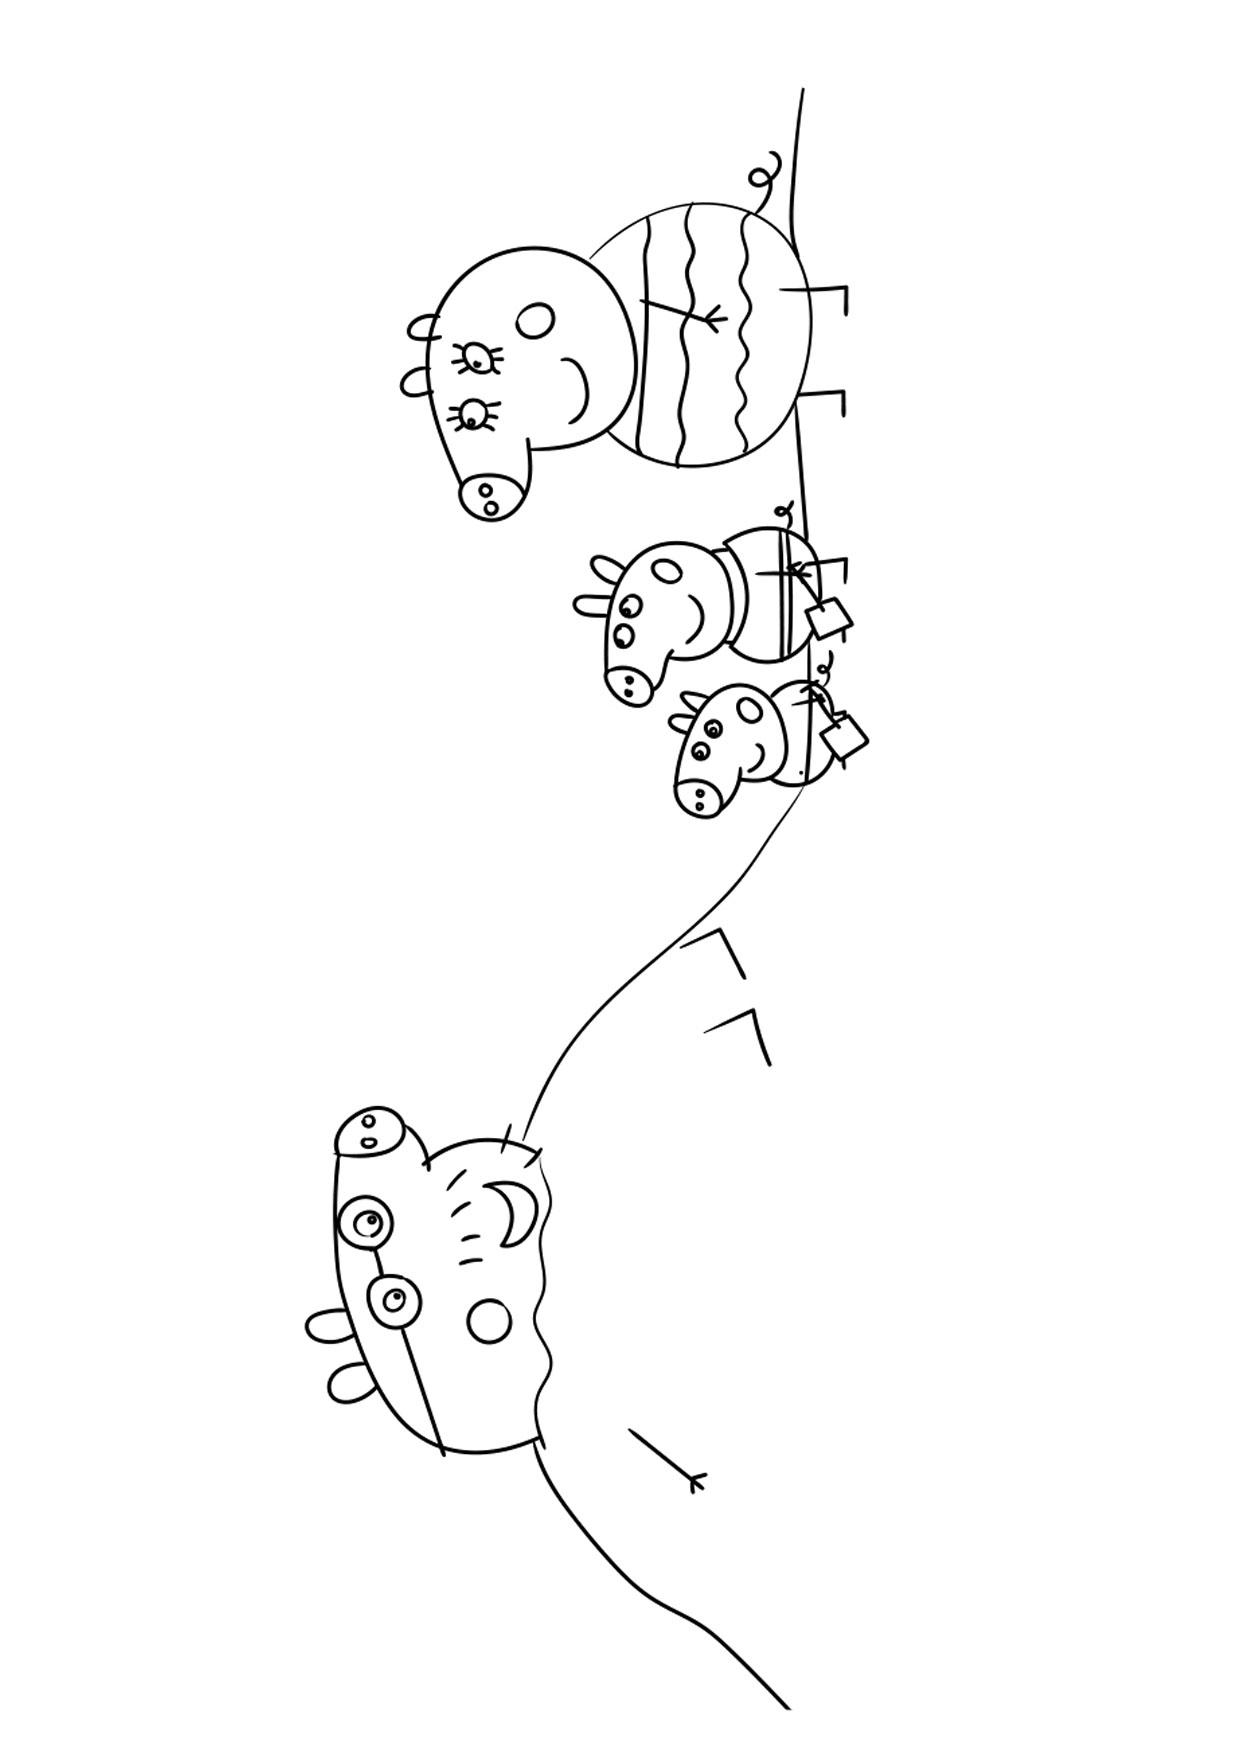 Disegno Peppa Pig da colorare 21